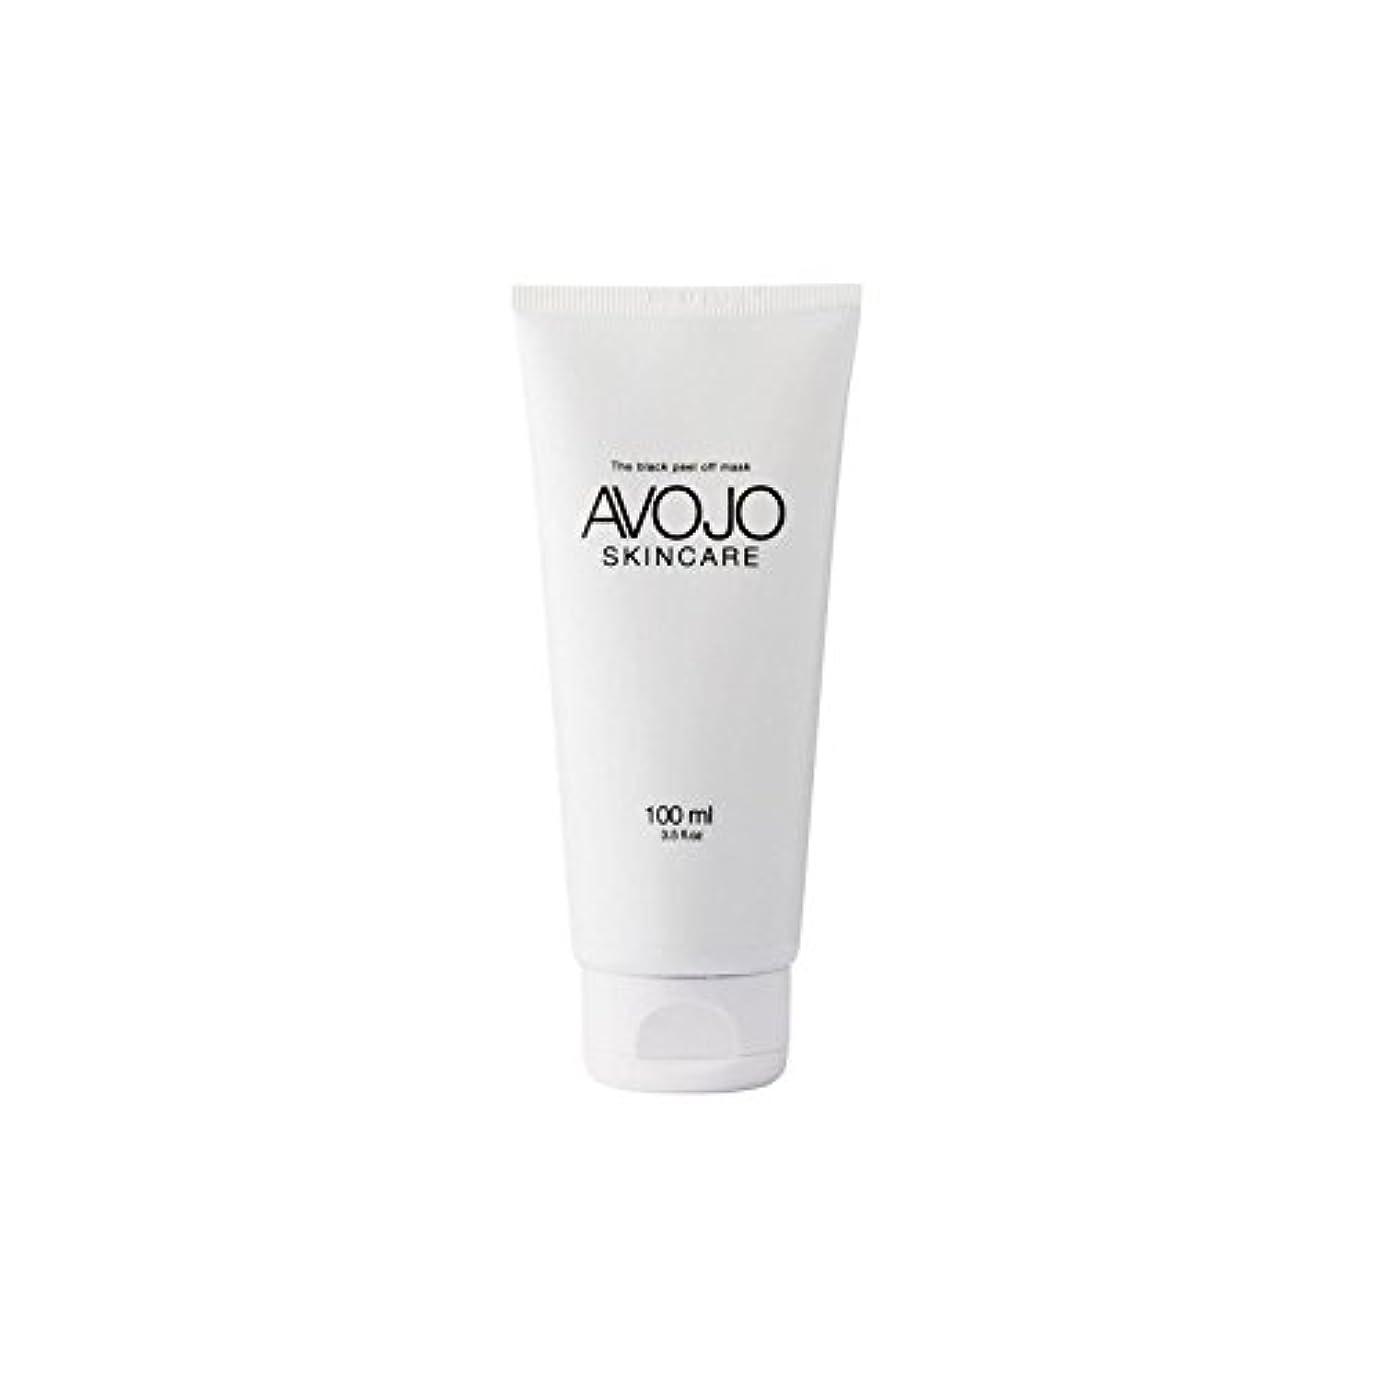 プレミアりスマイル- 黒皮オフマスク - (ボトル100ミリリットル) x2 - Avojo - The Black Peel Off Mask - (Bottle 100ml) (Pack of 2) [並行輸入品]